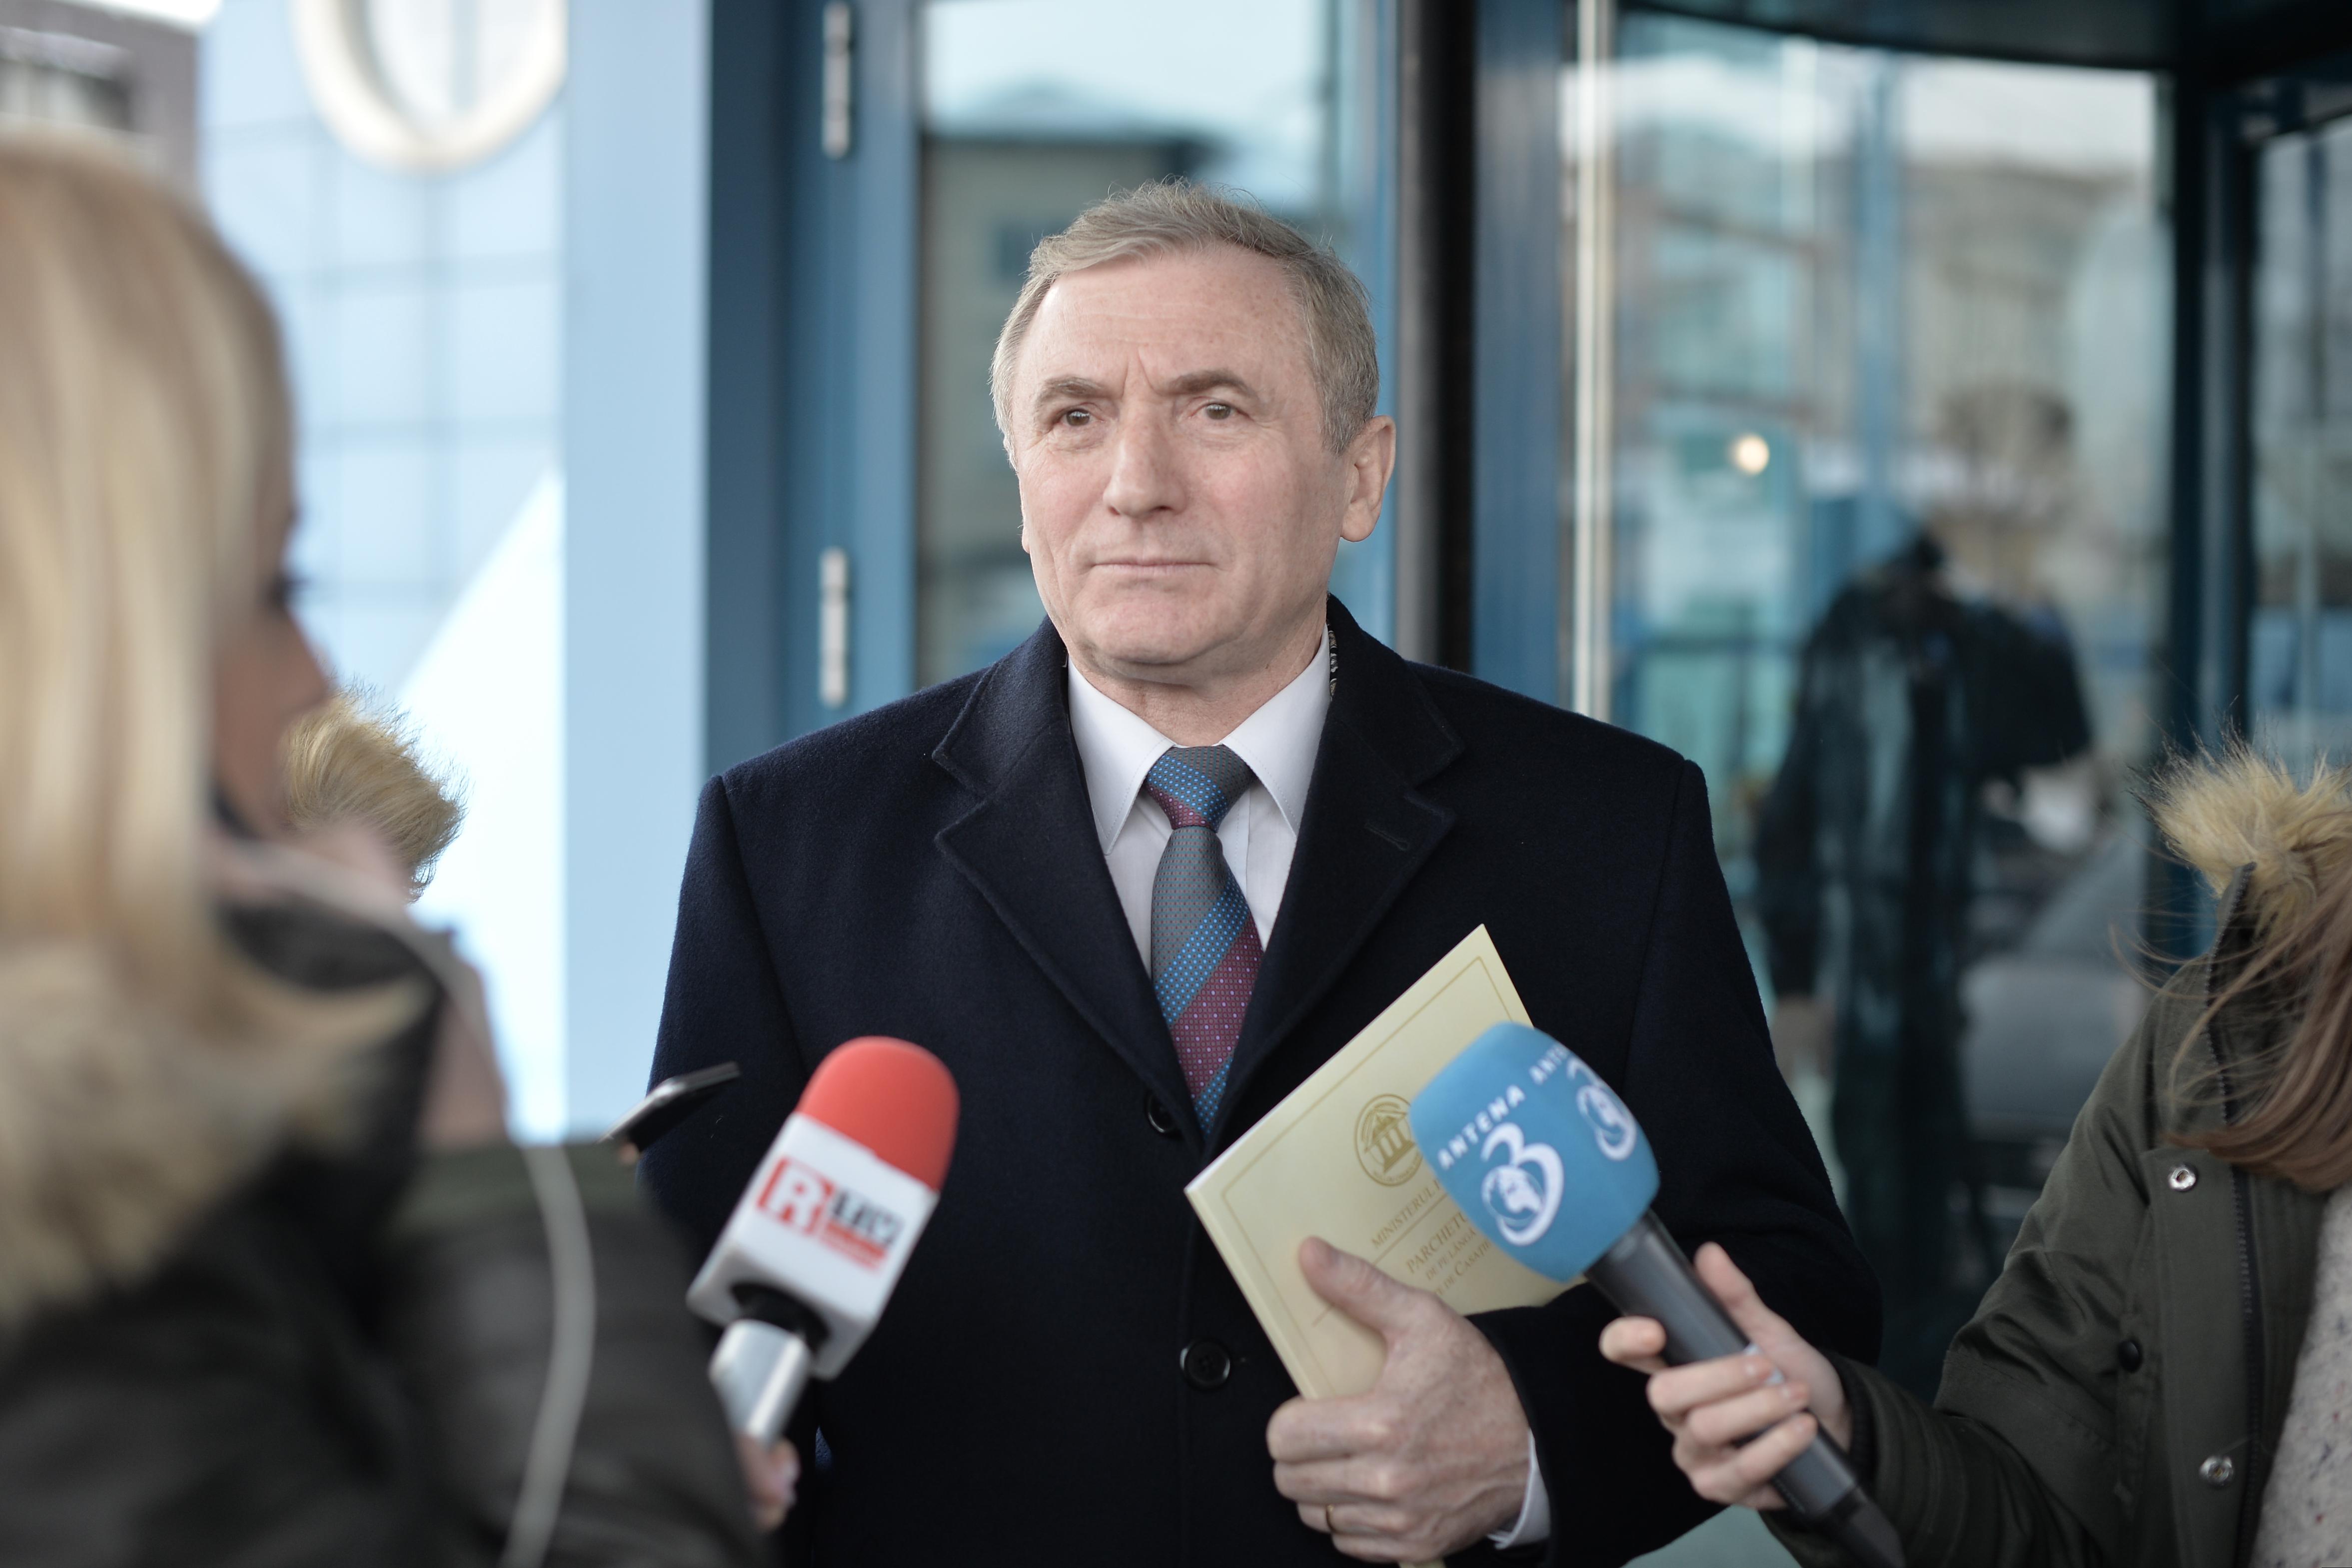 Procurorul general al României explică de ce Parchetul General a preluat cauzele în care este vizat poliţistul pedofil / Ce spune Lazăr despre o posibilă muşamalizare din partea poliţiştilor